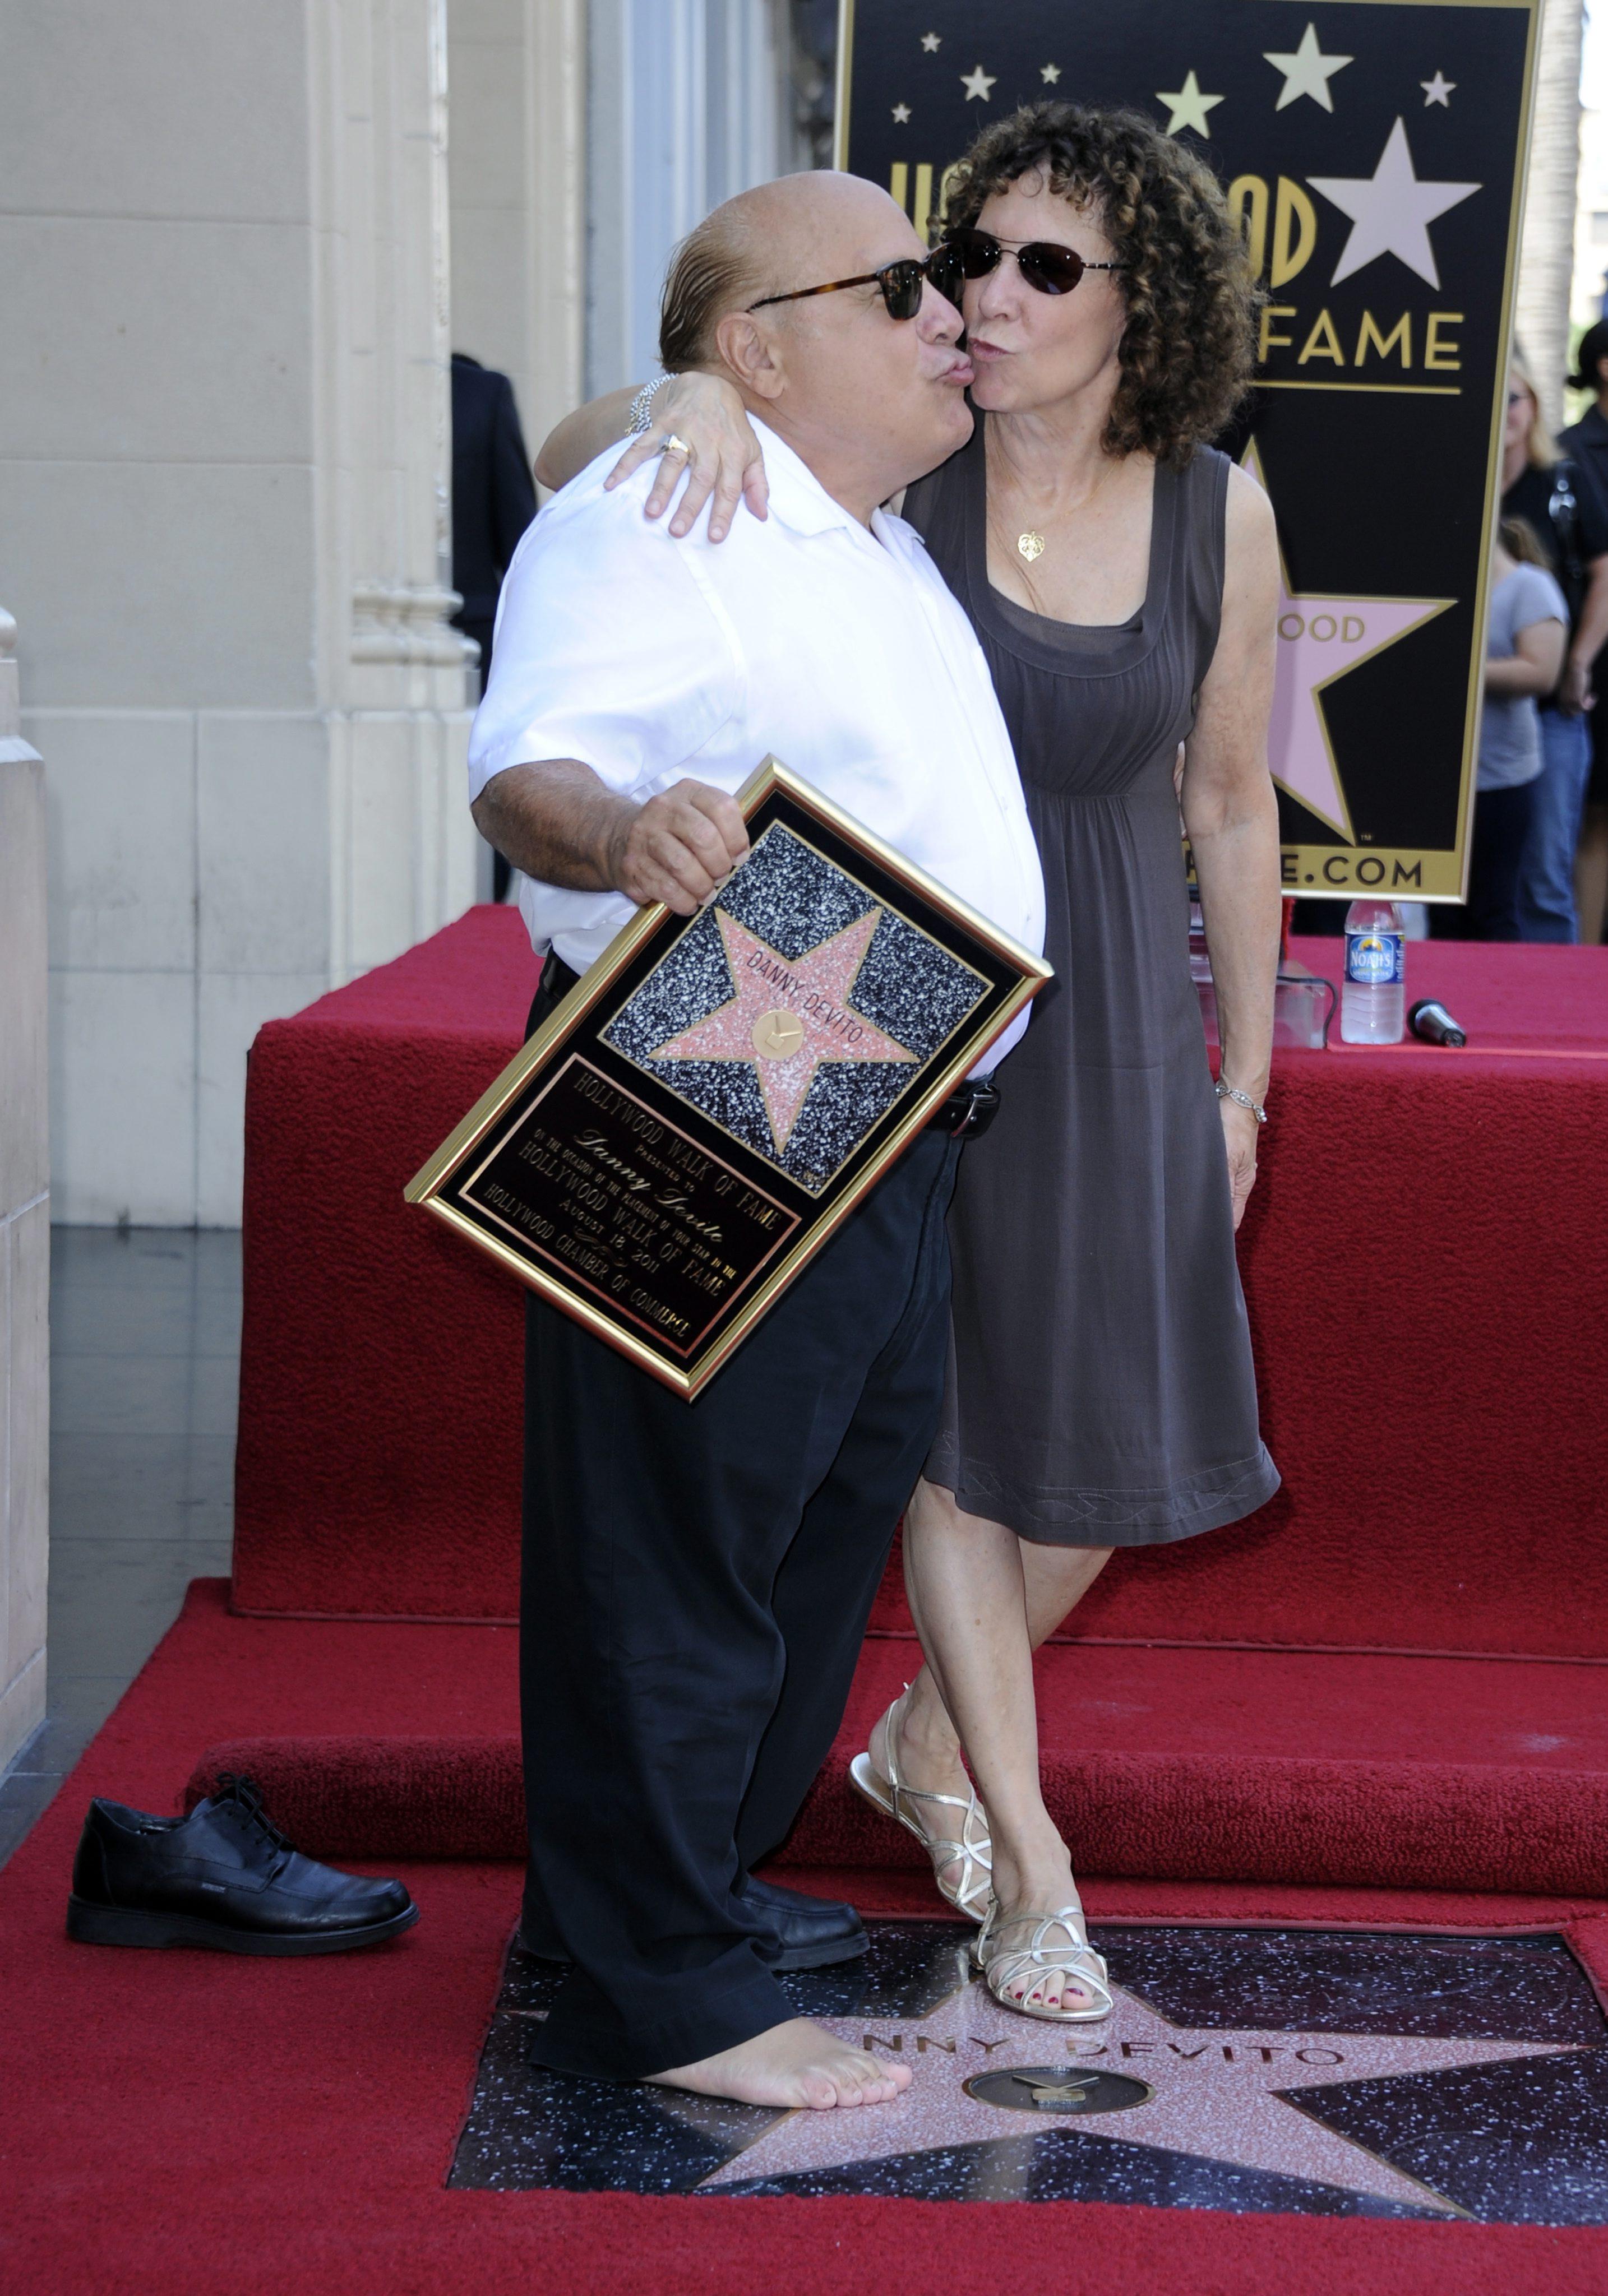 Дани де Вито иска да се събере със съпругата си